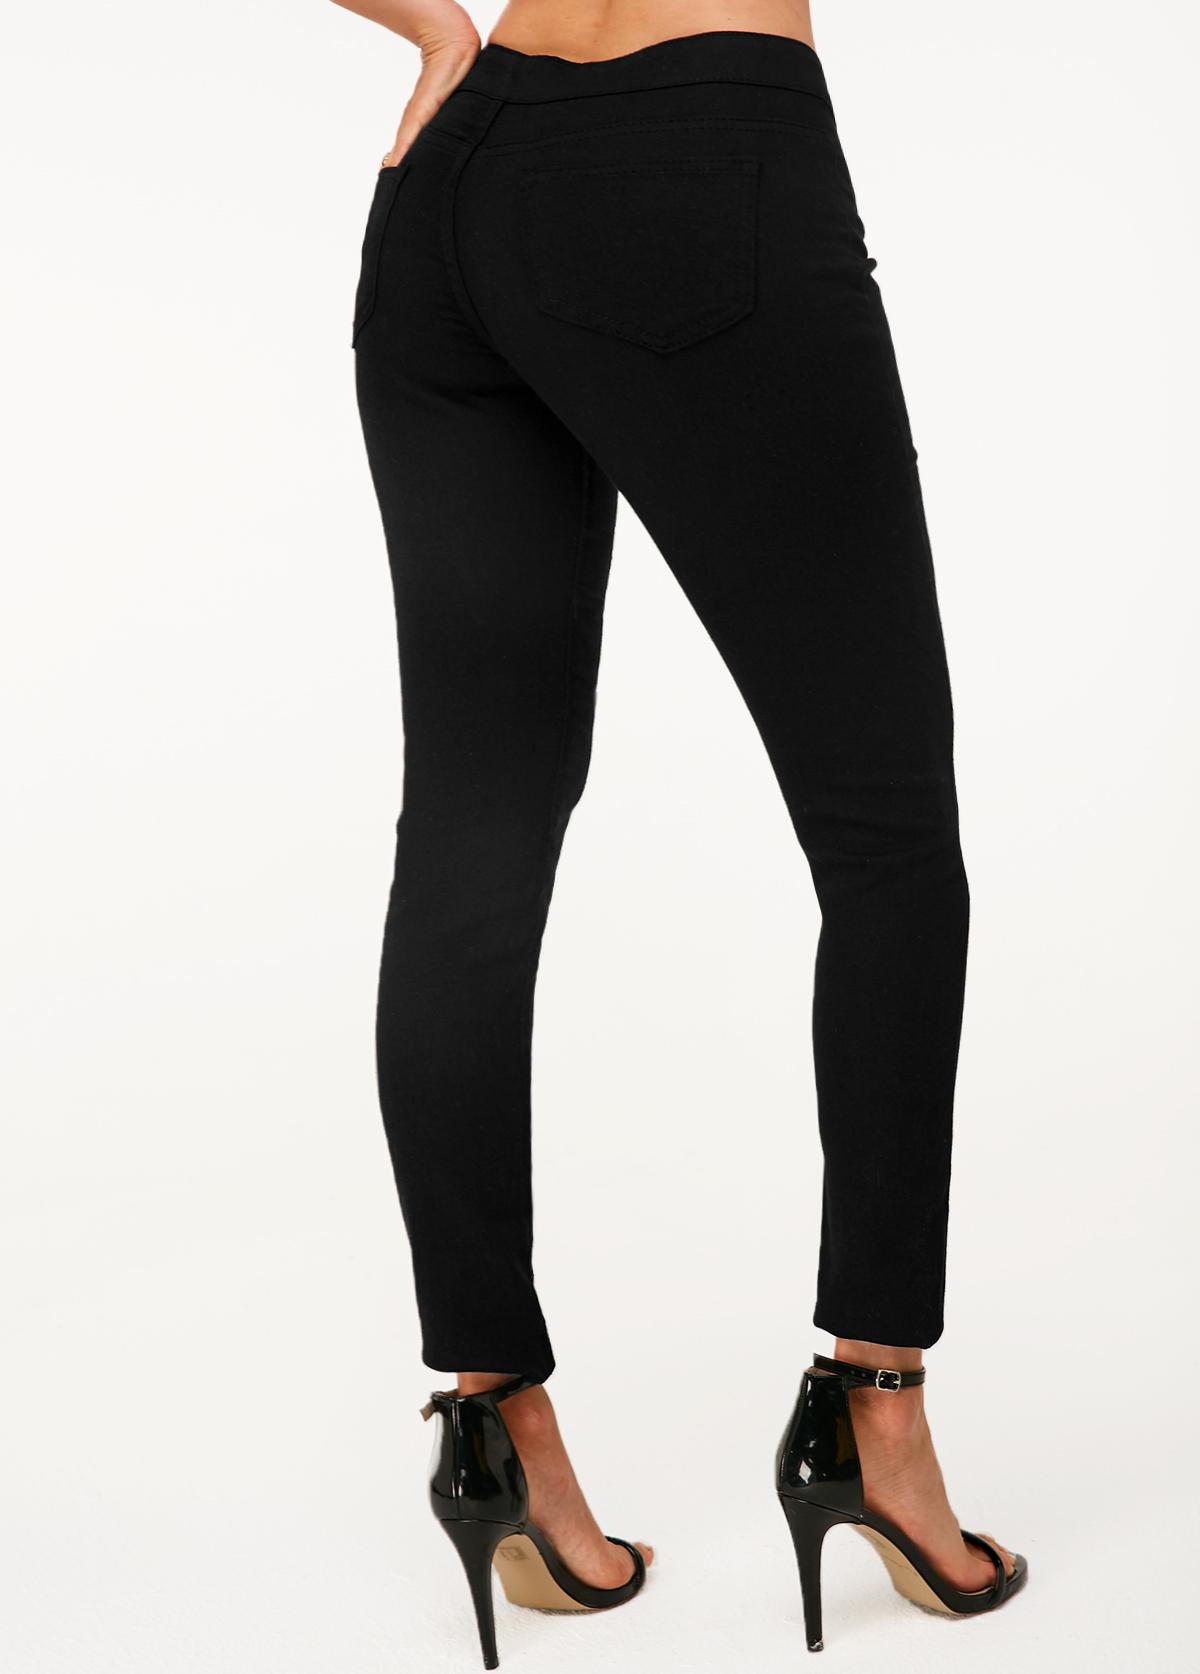 Black High Waist Shredded Skinny Jeans